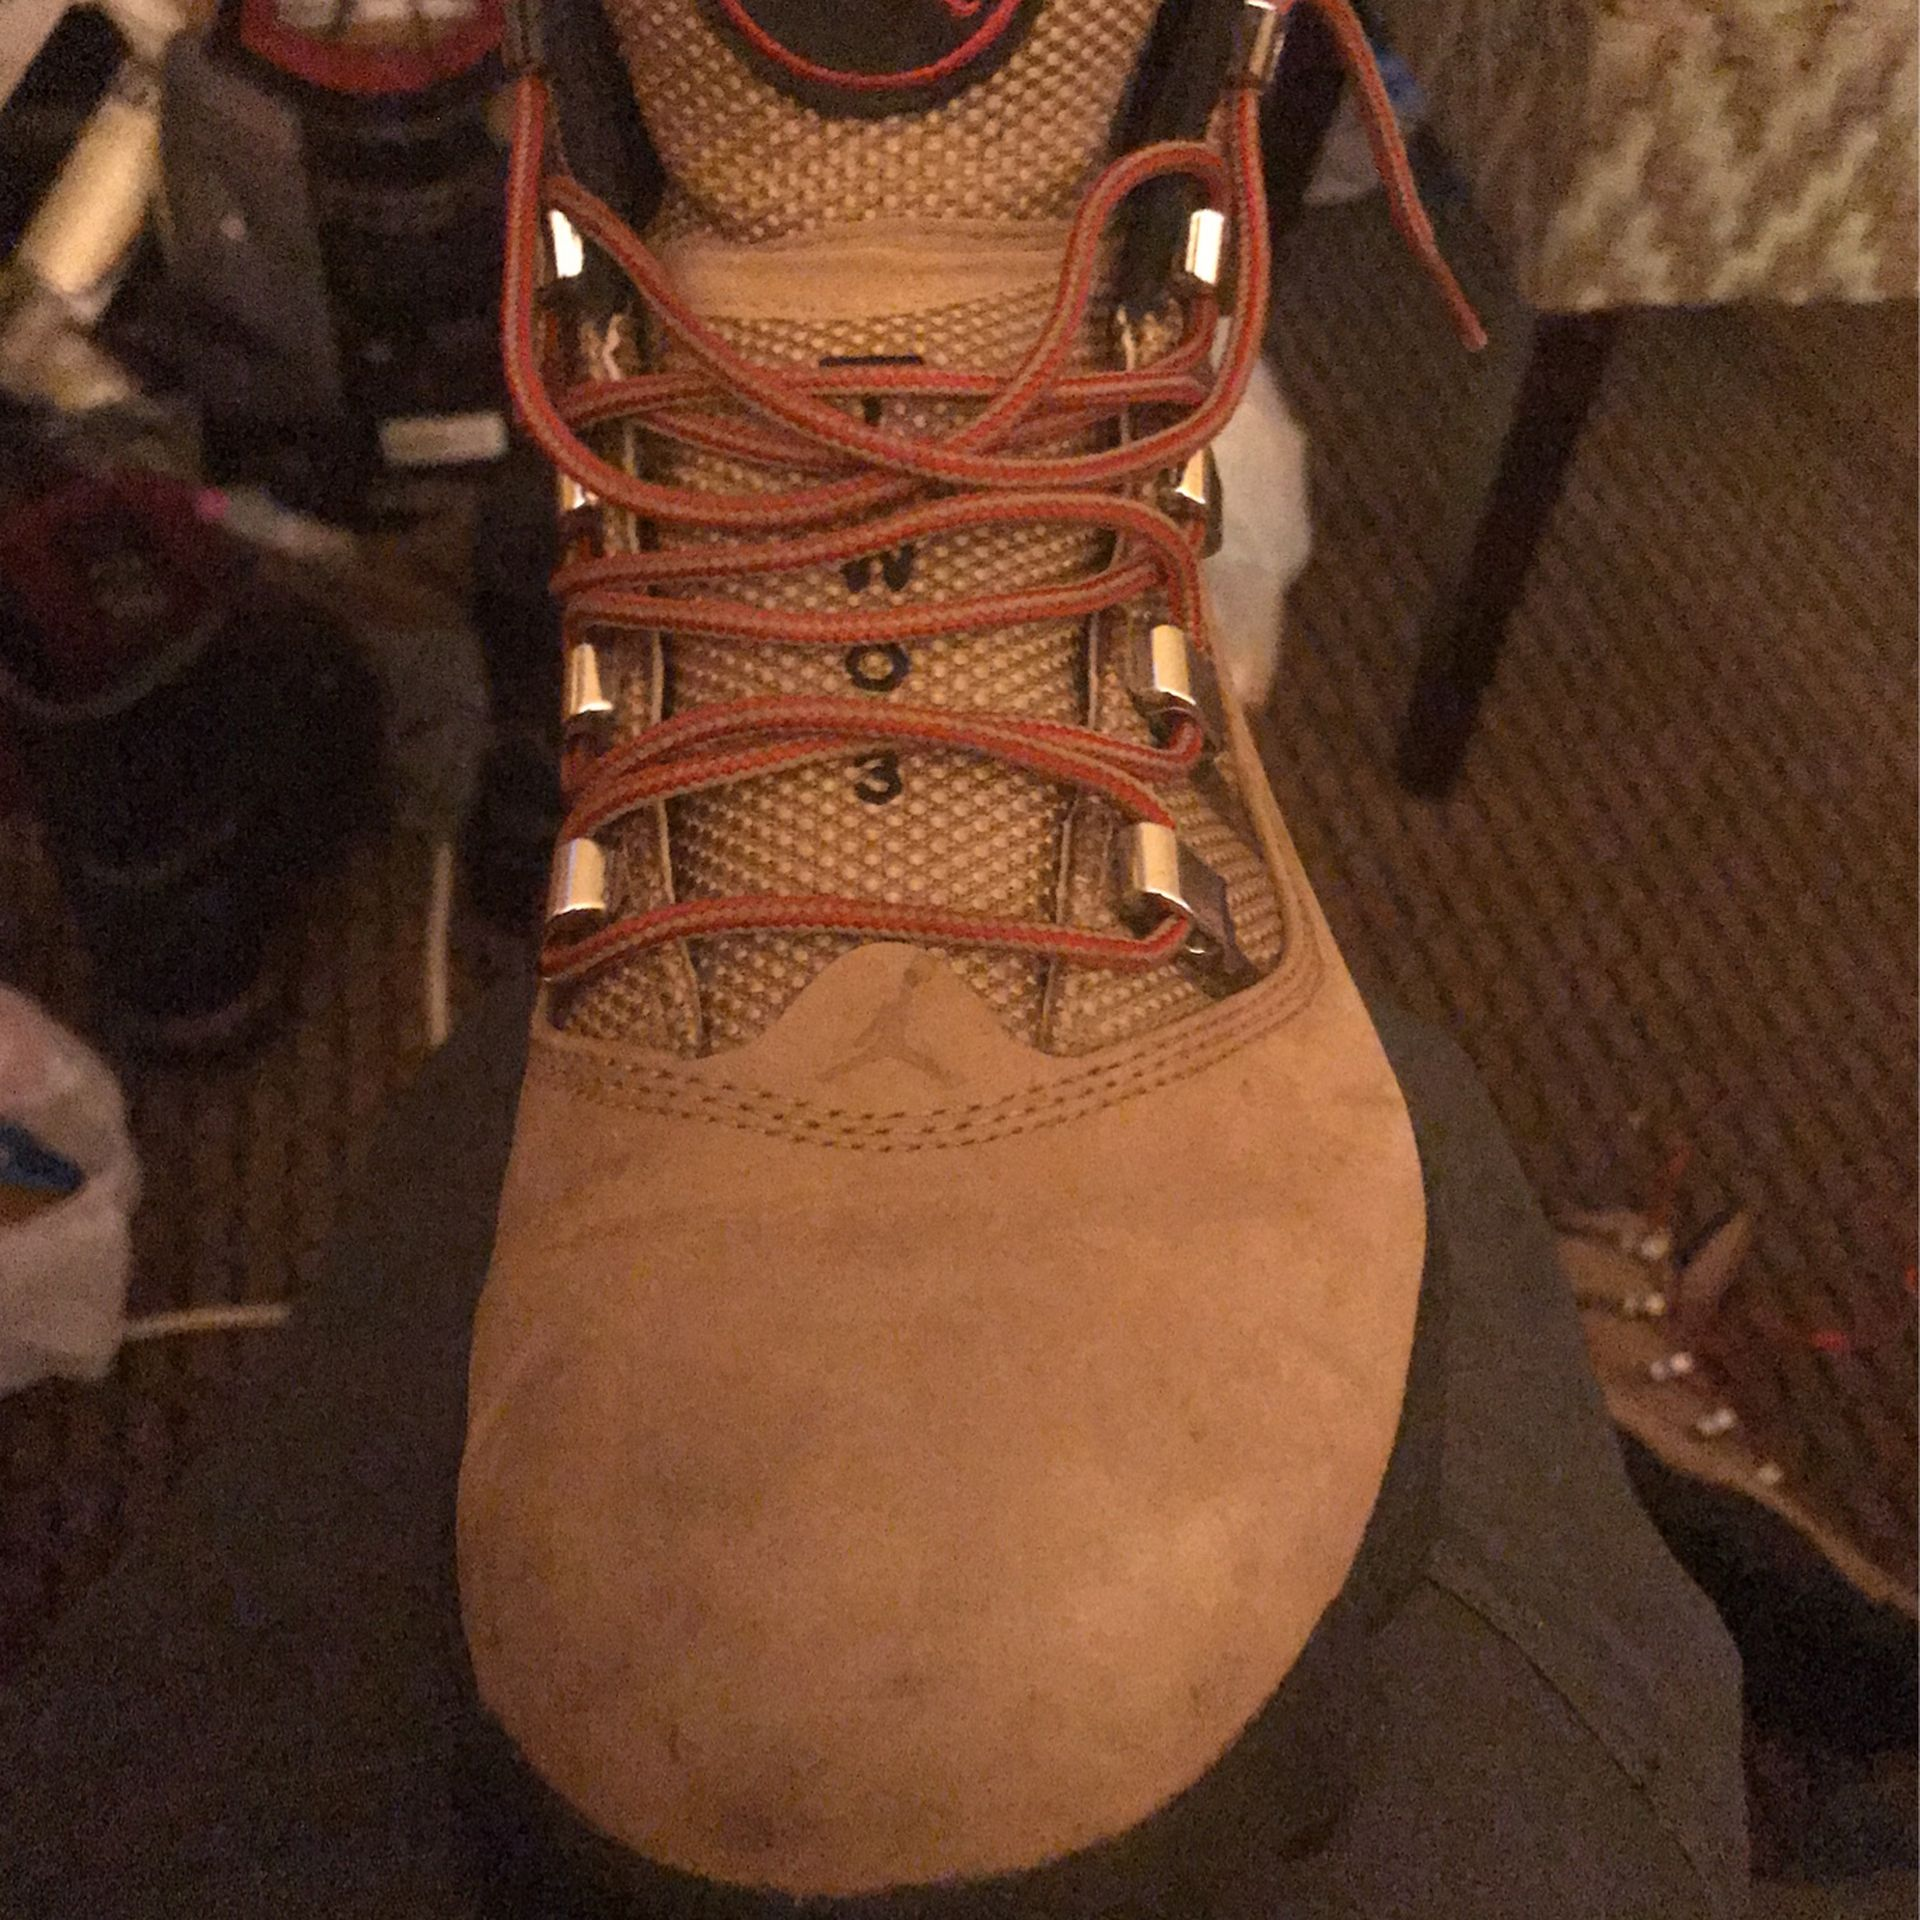 Jordan 6 Boots